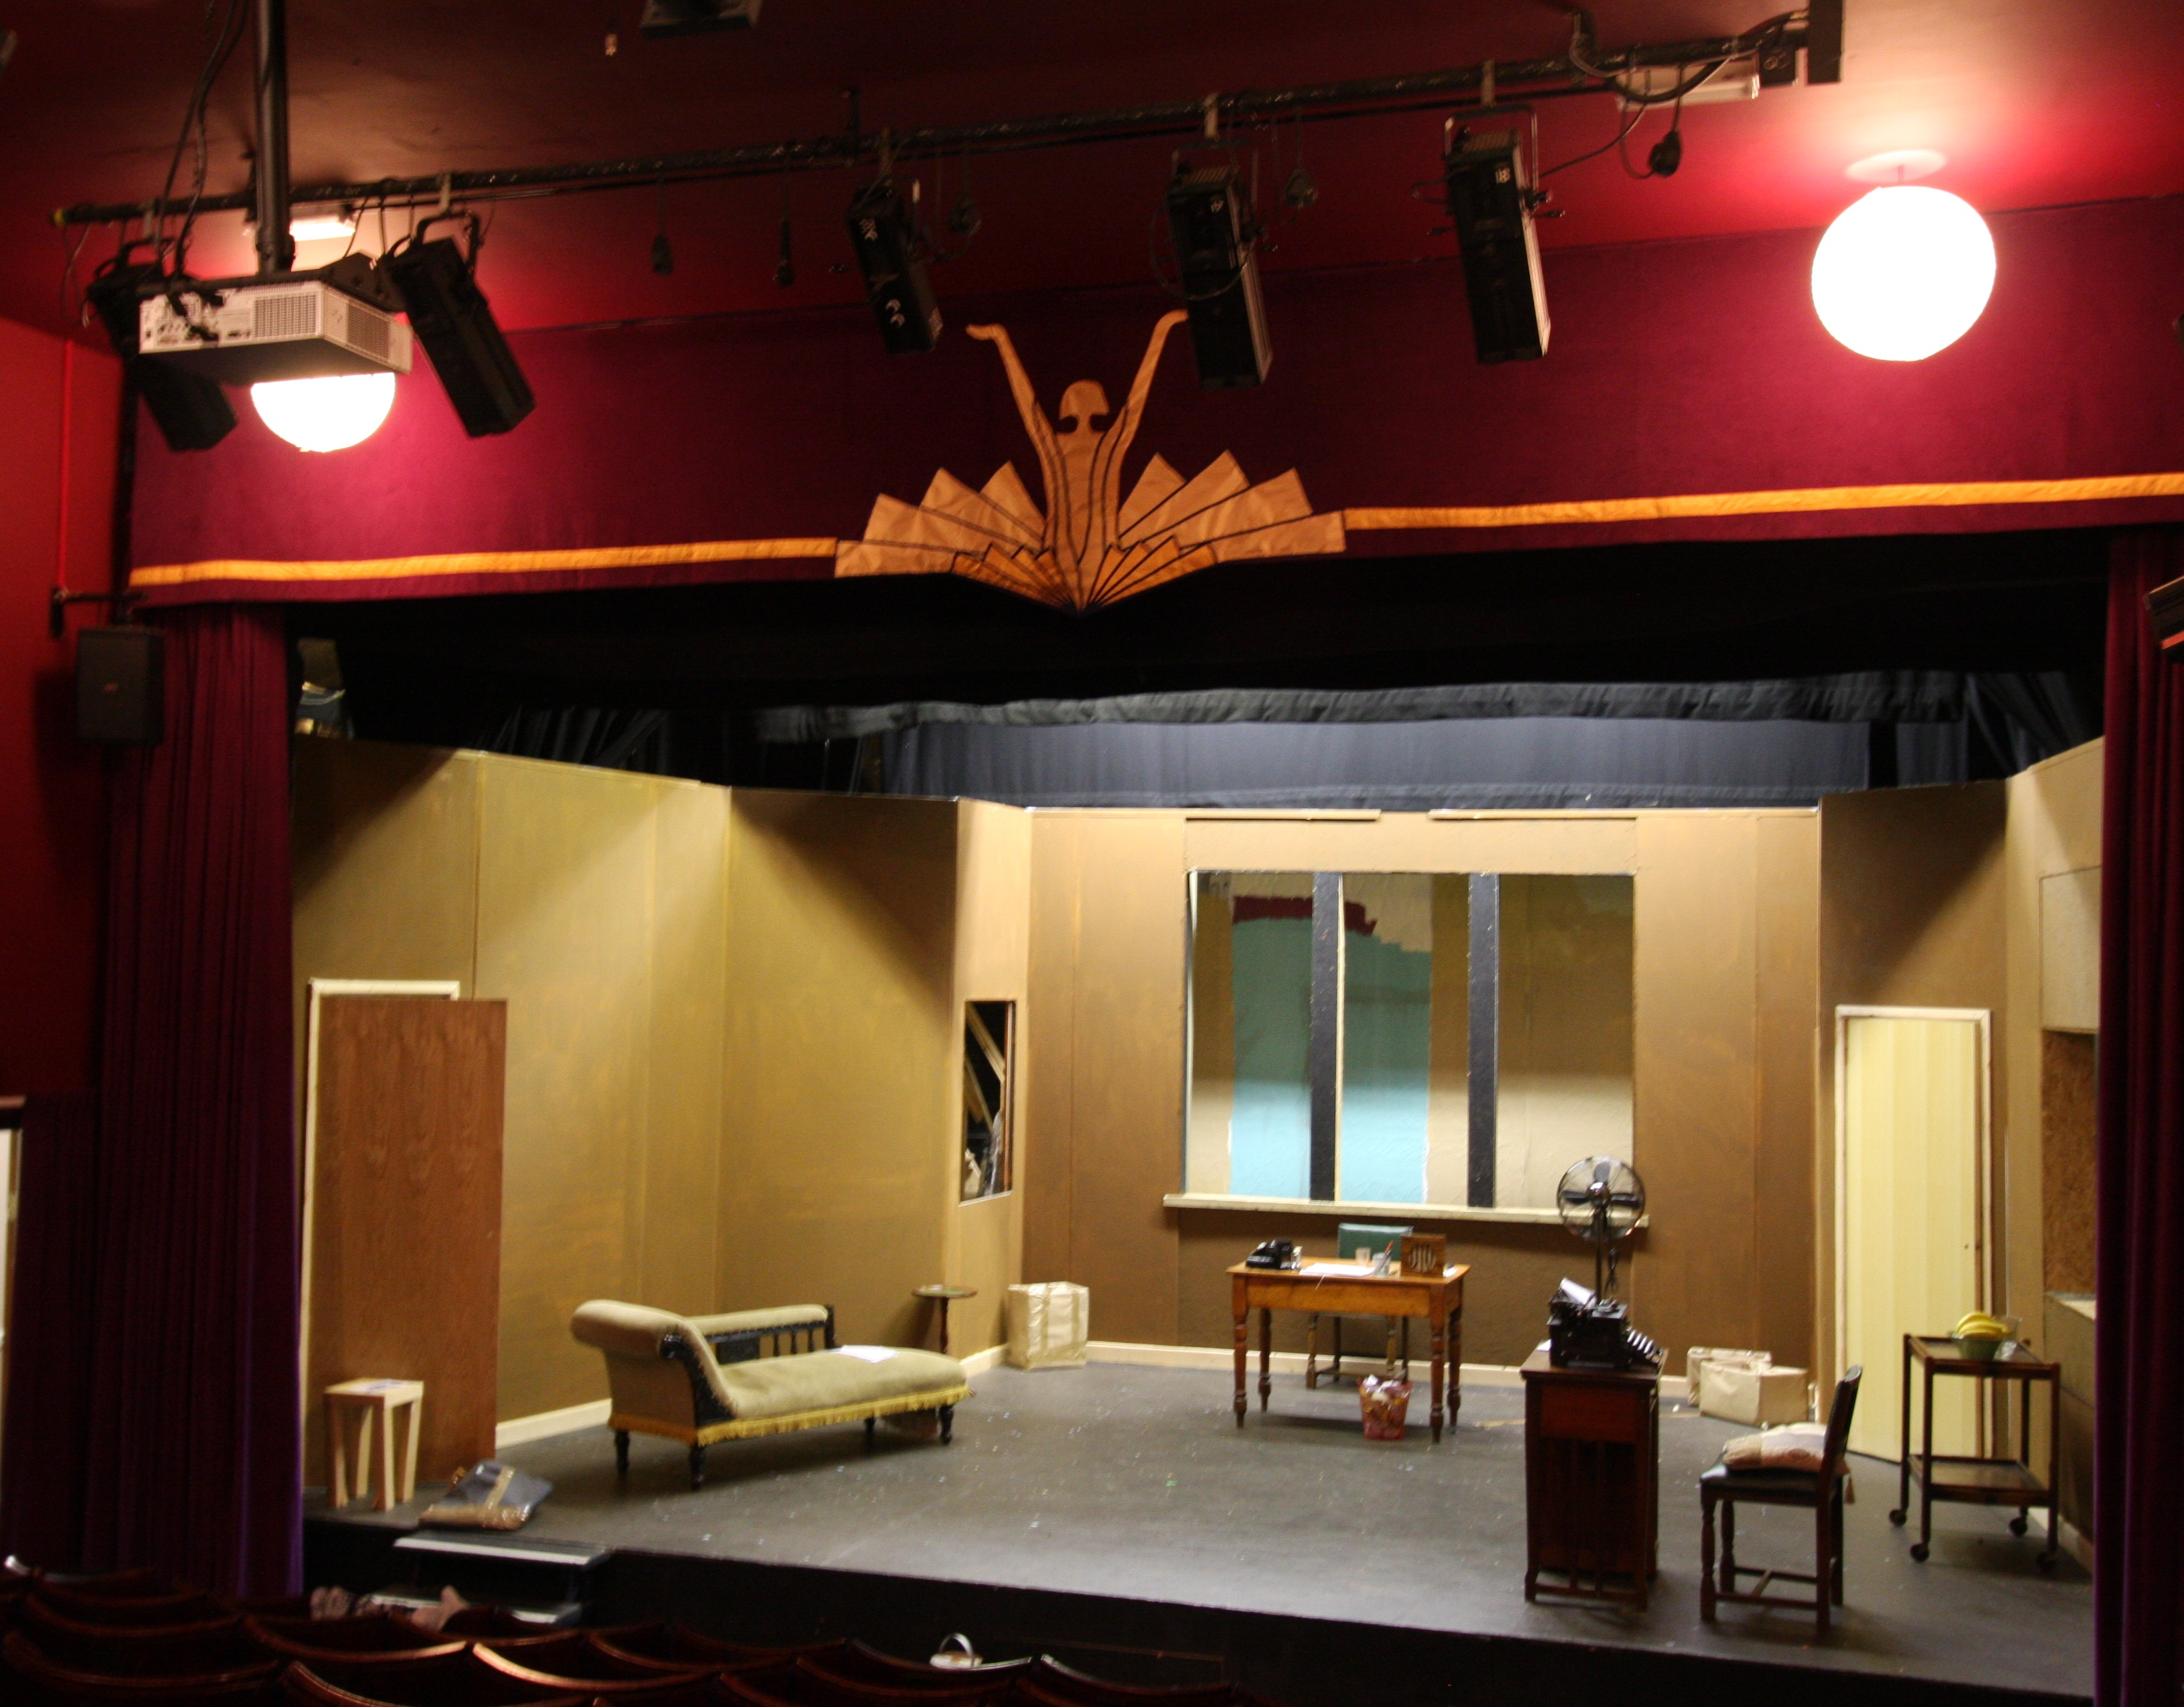 J&C Joel plays its part in theatre restoration - JC Joel